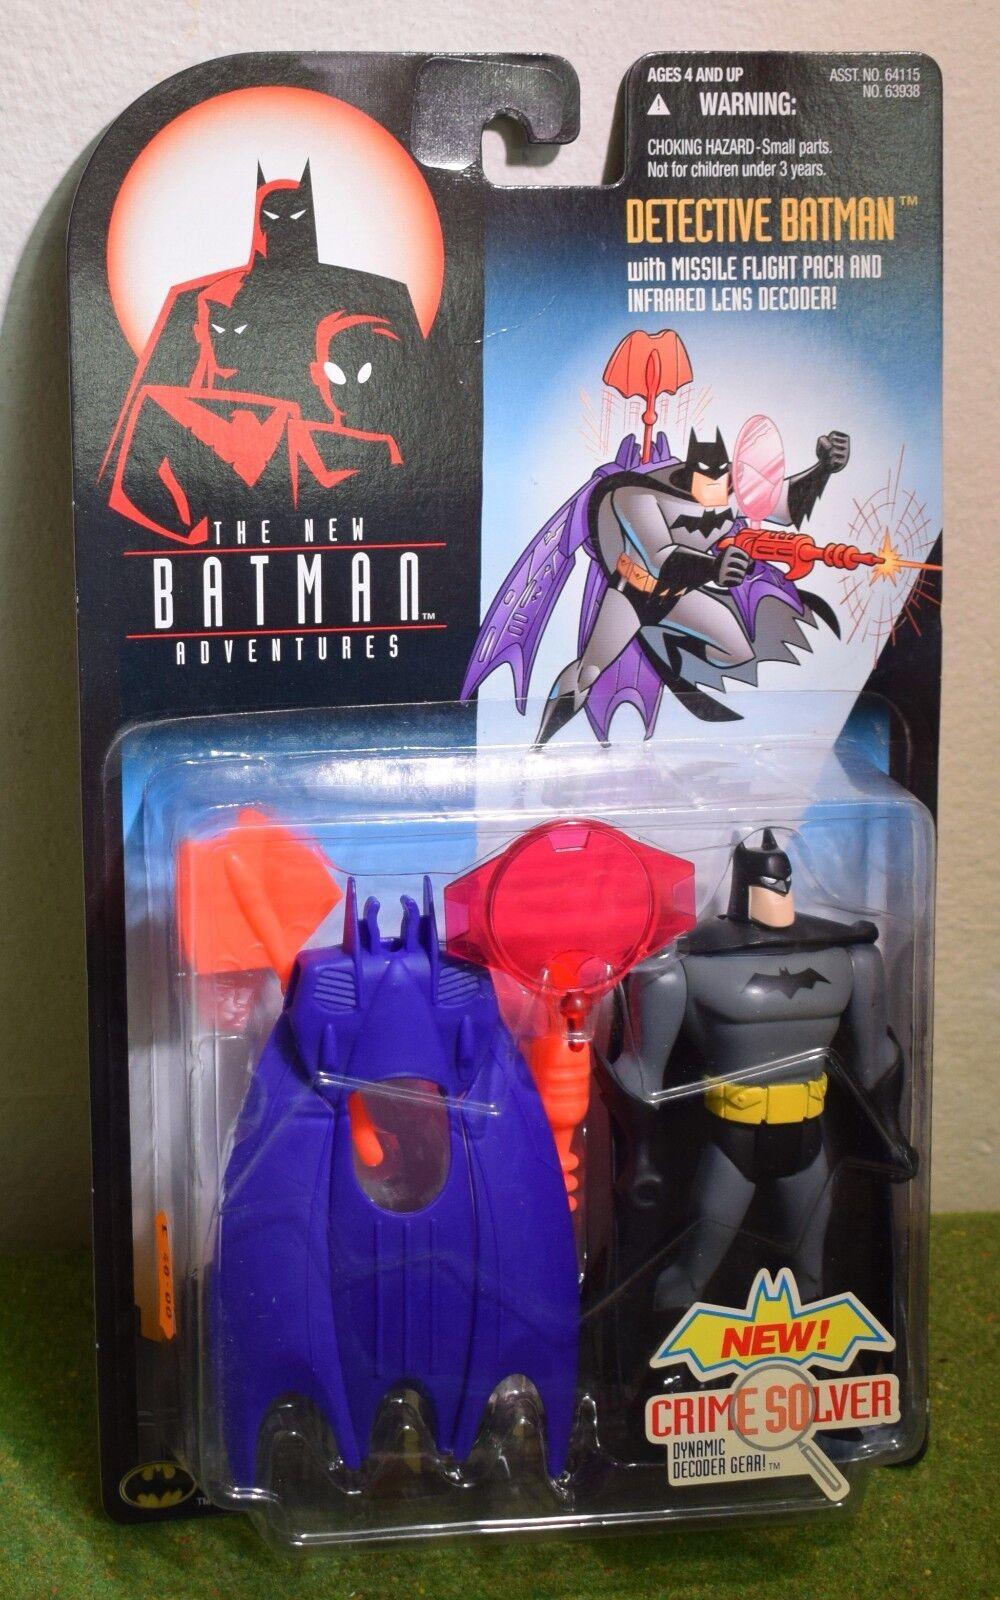 Kenner der neue batman - abenteuer detective batman action - figur